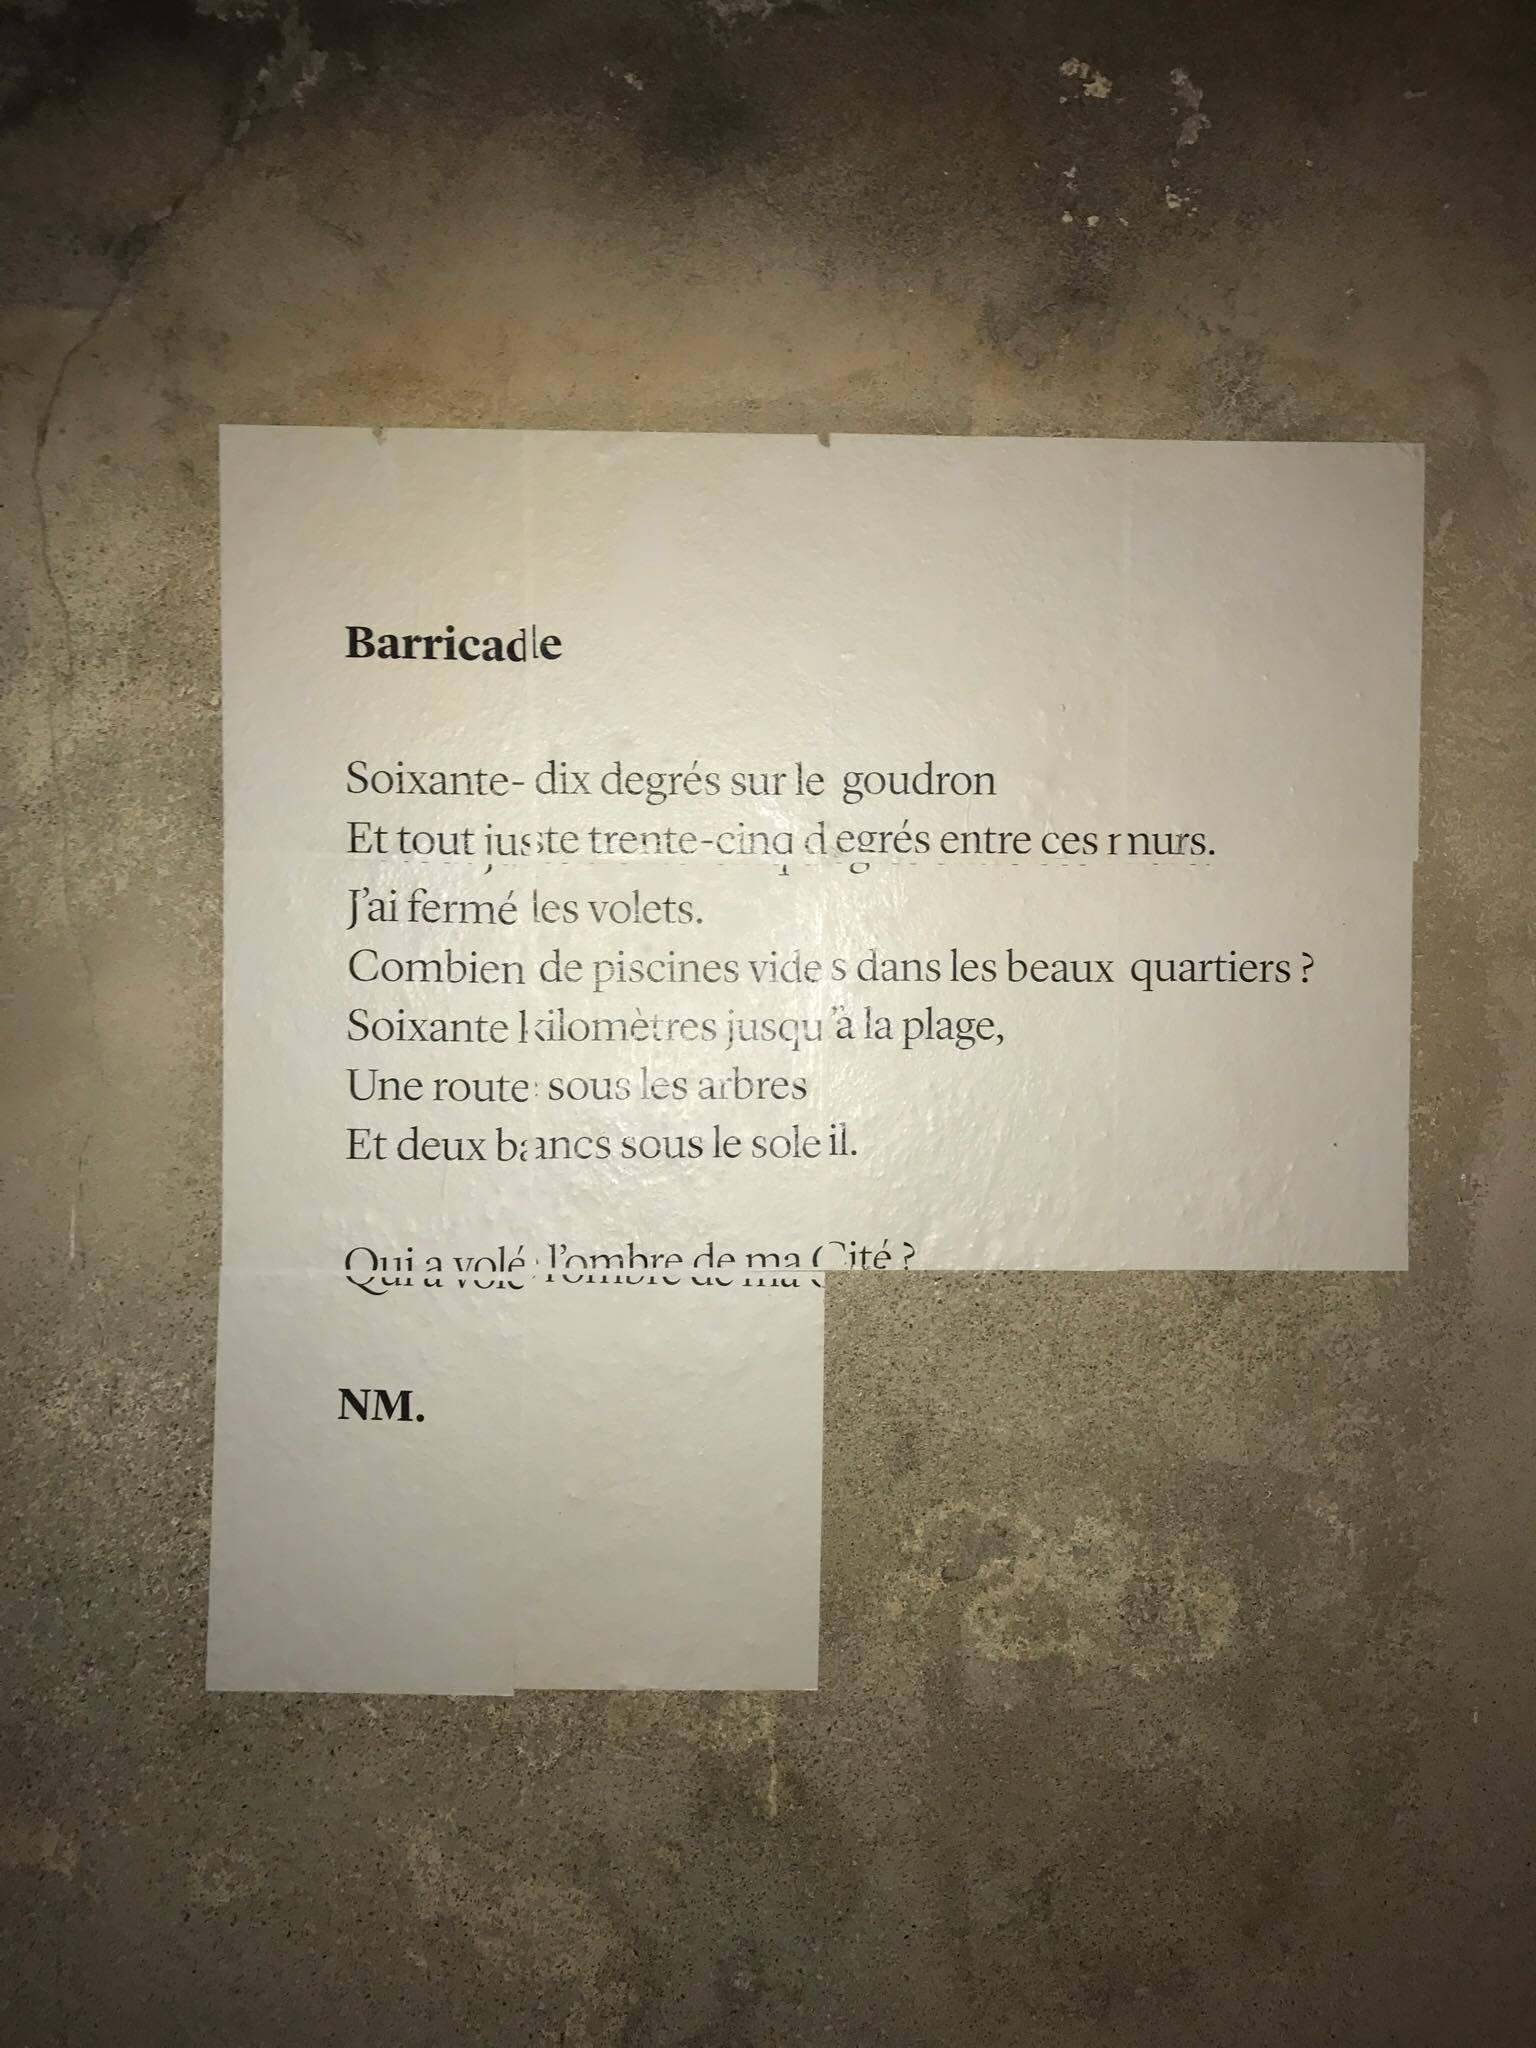 barricade, poésie, avignon, paul